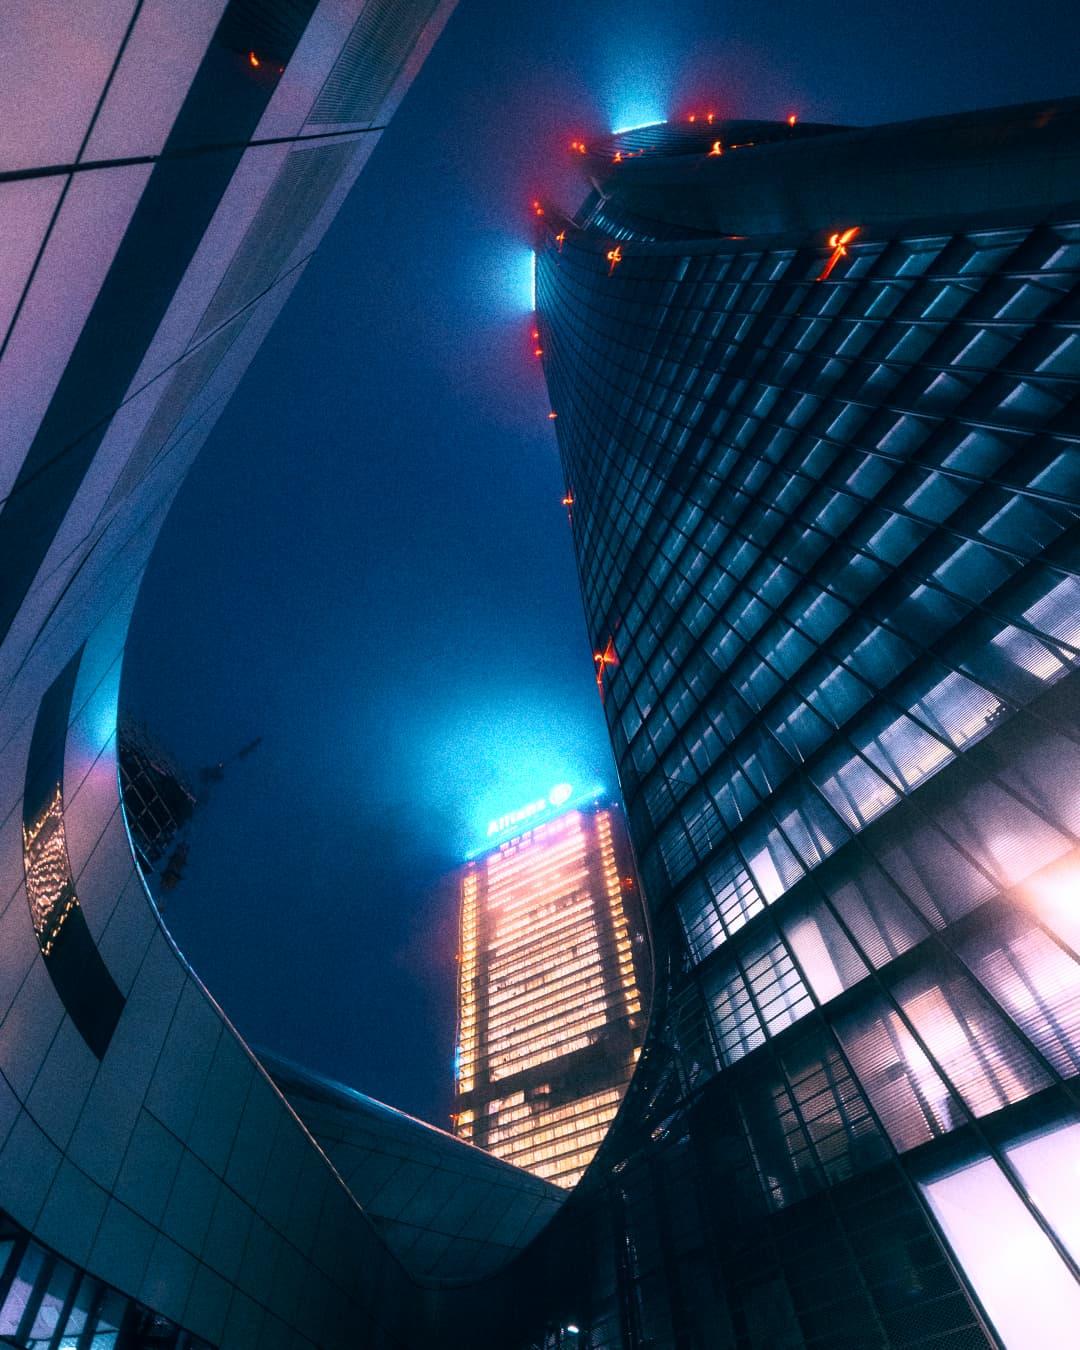 Urban_16